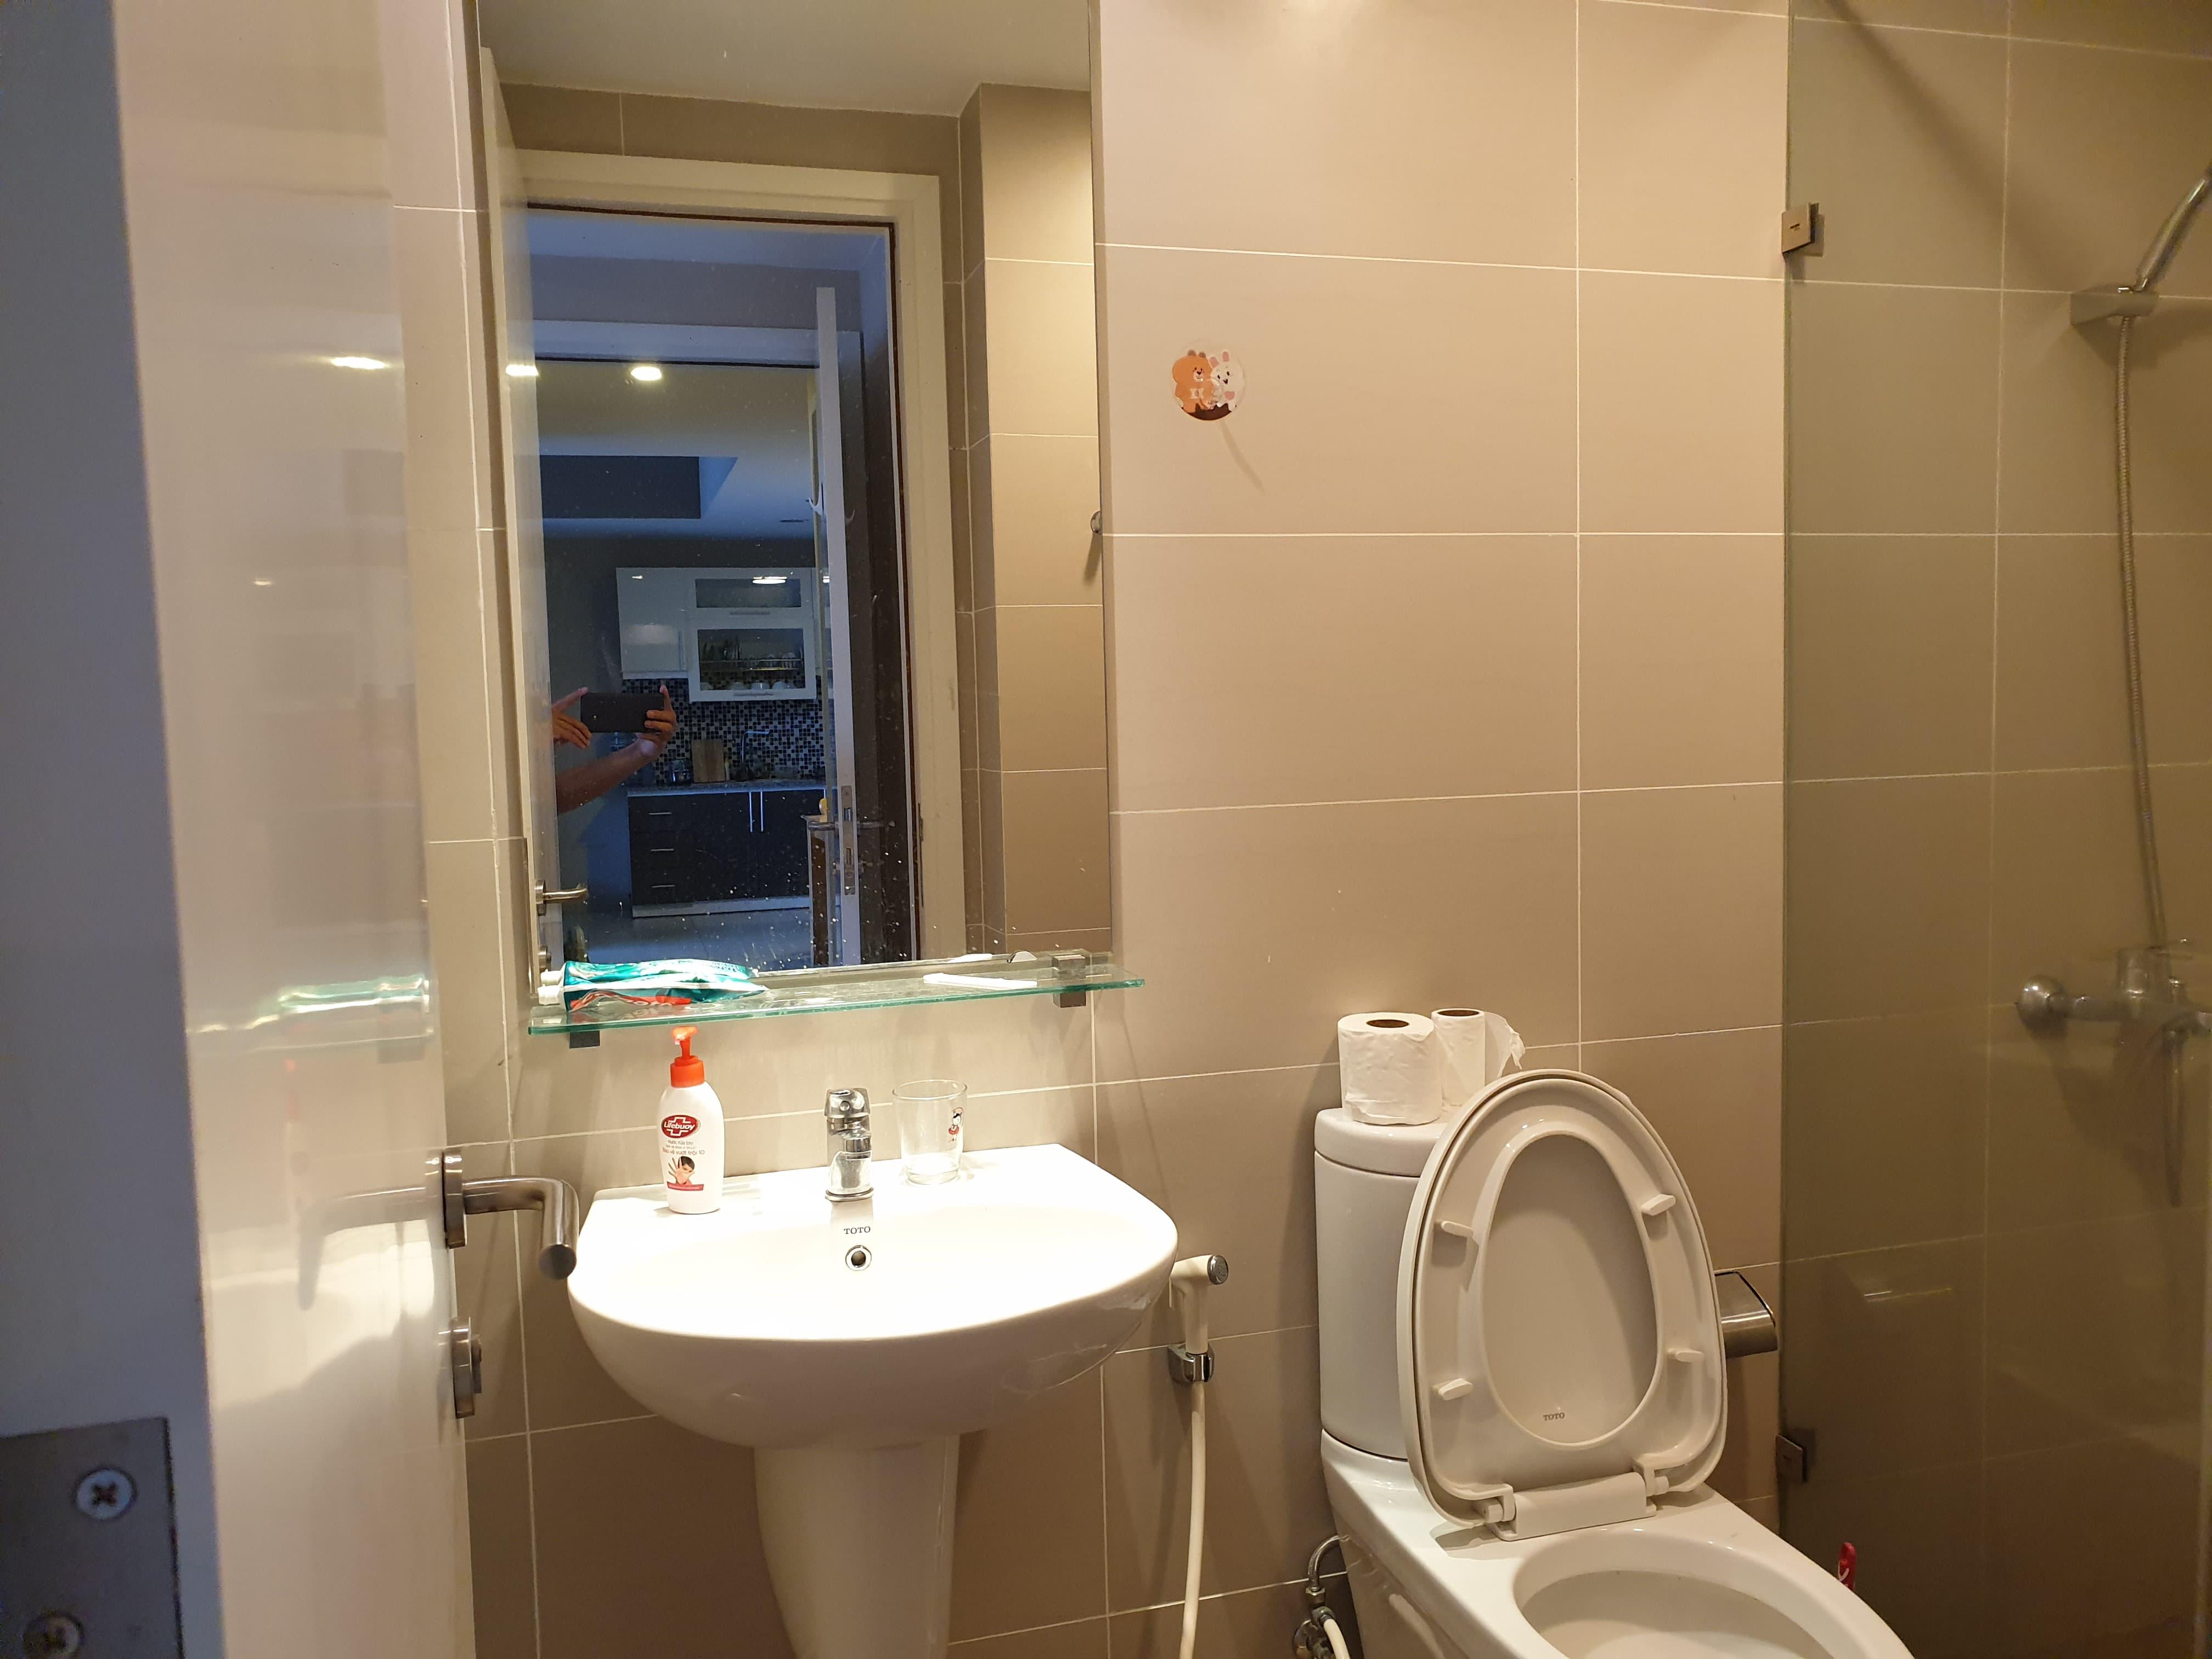 Cho thuê căn hộ chung cư Masteri T2- Thảo Điền, Xa lộ Hà Nội, Quận 2, TPHCM